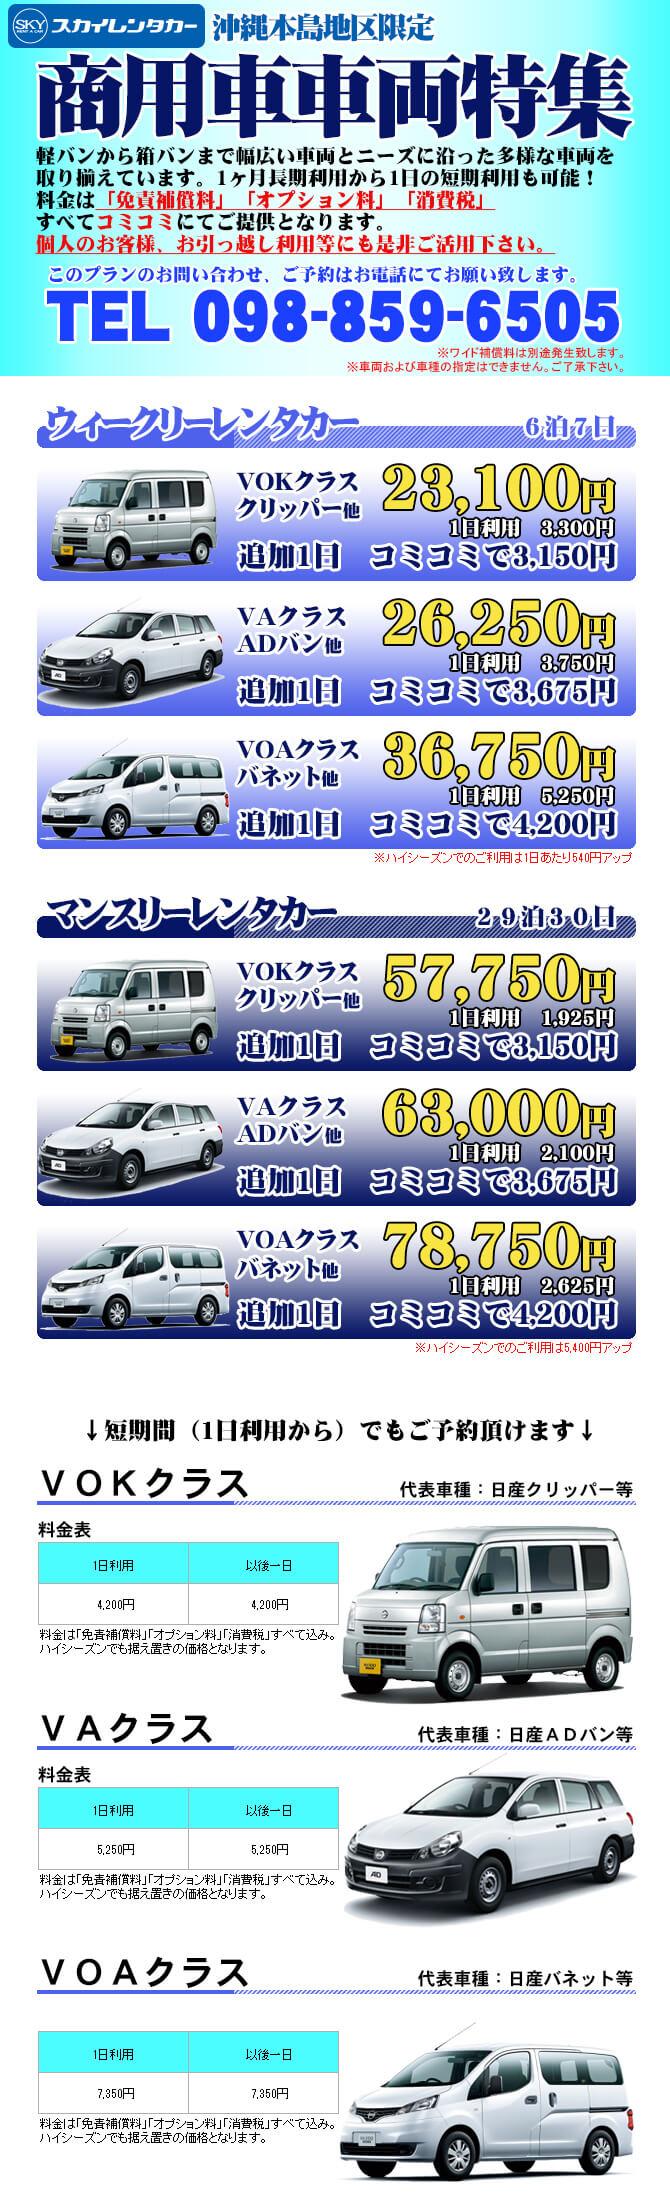 商用車車両特集